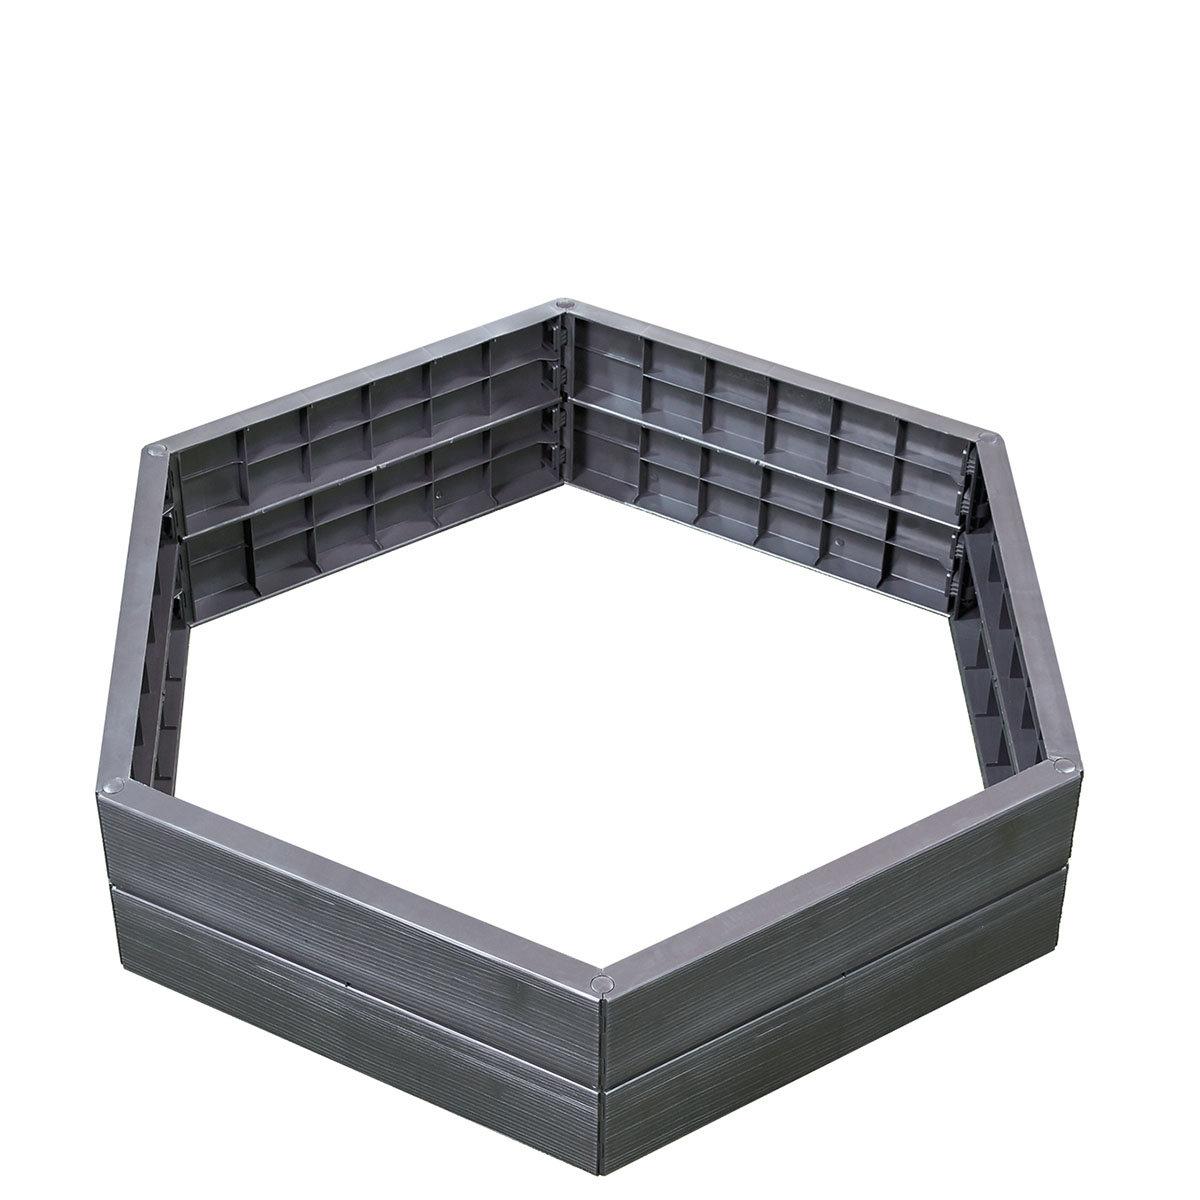 ERGO Hochbeet-System, Durchmesser 110xH 25 cm | #2